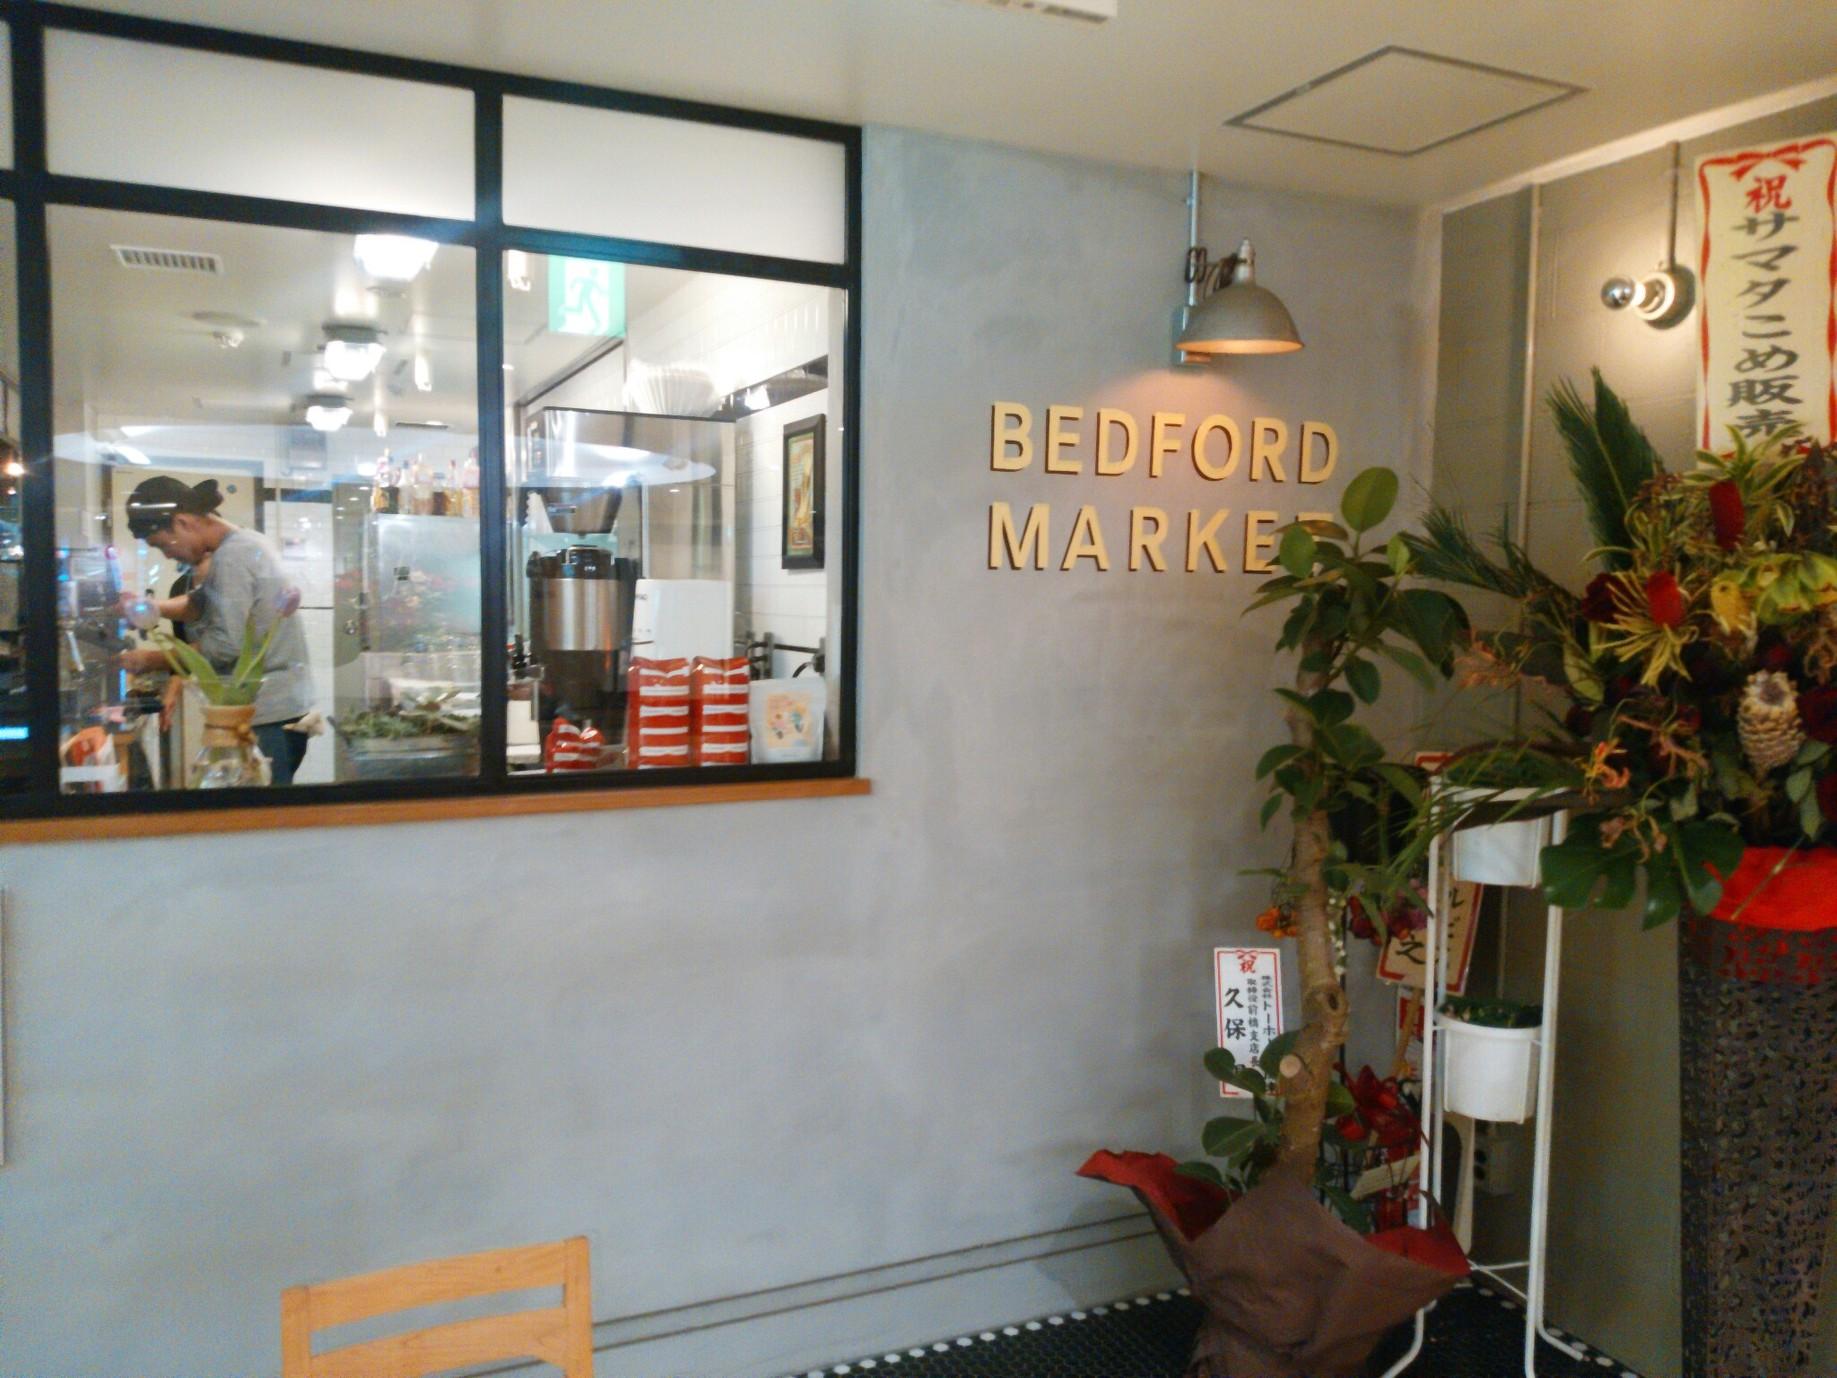 Bedford Market(ベッドフォードマーケット)